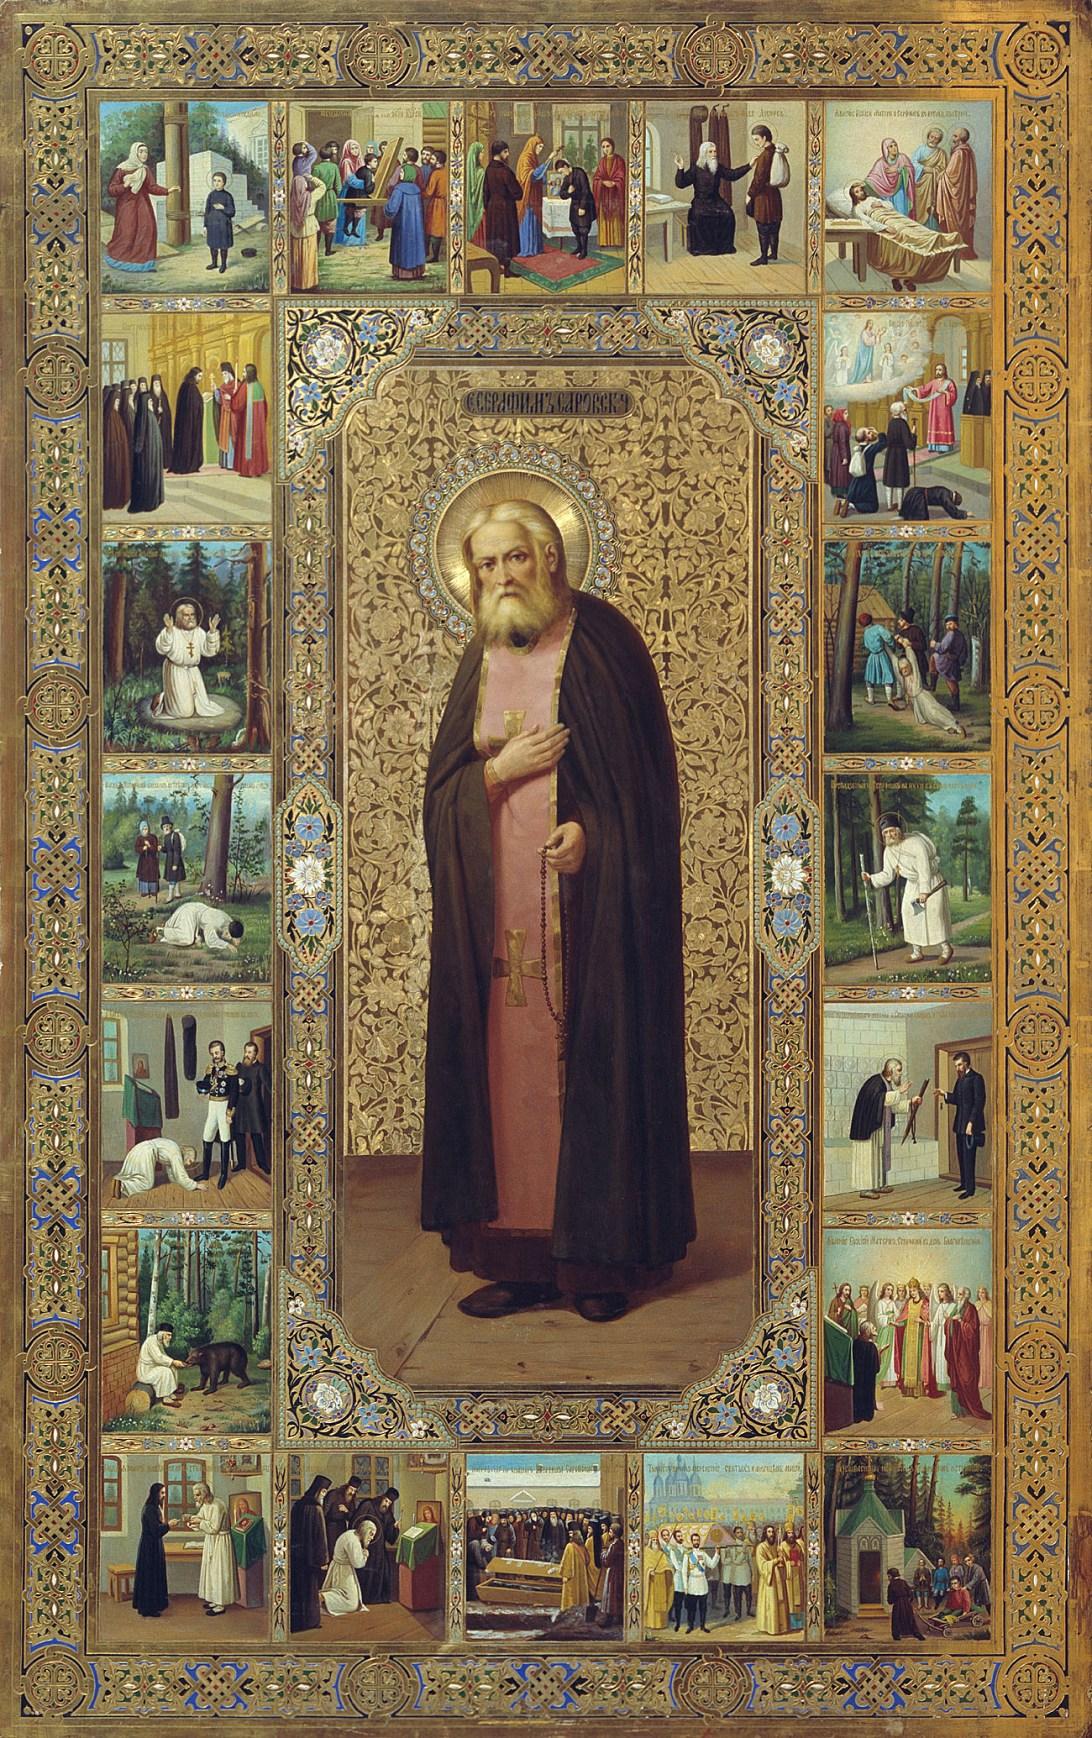 Преподобный Серафим Саровский. Икона с житием, 1903 год